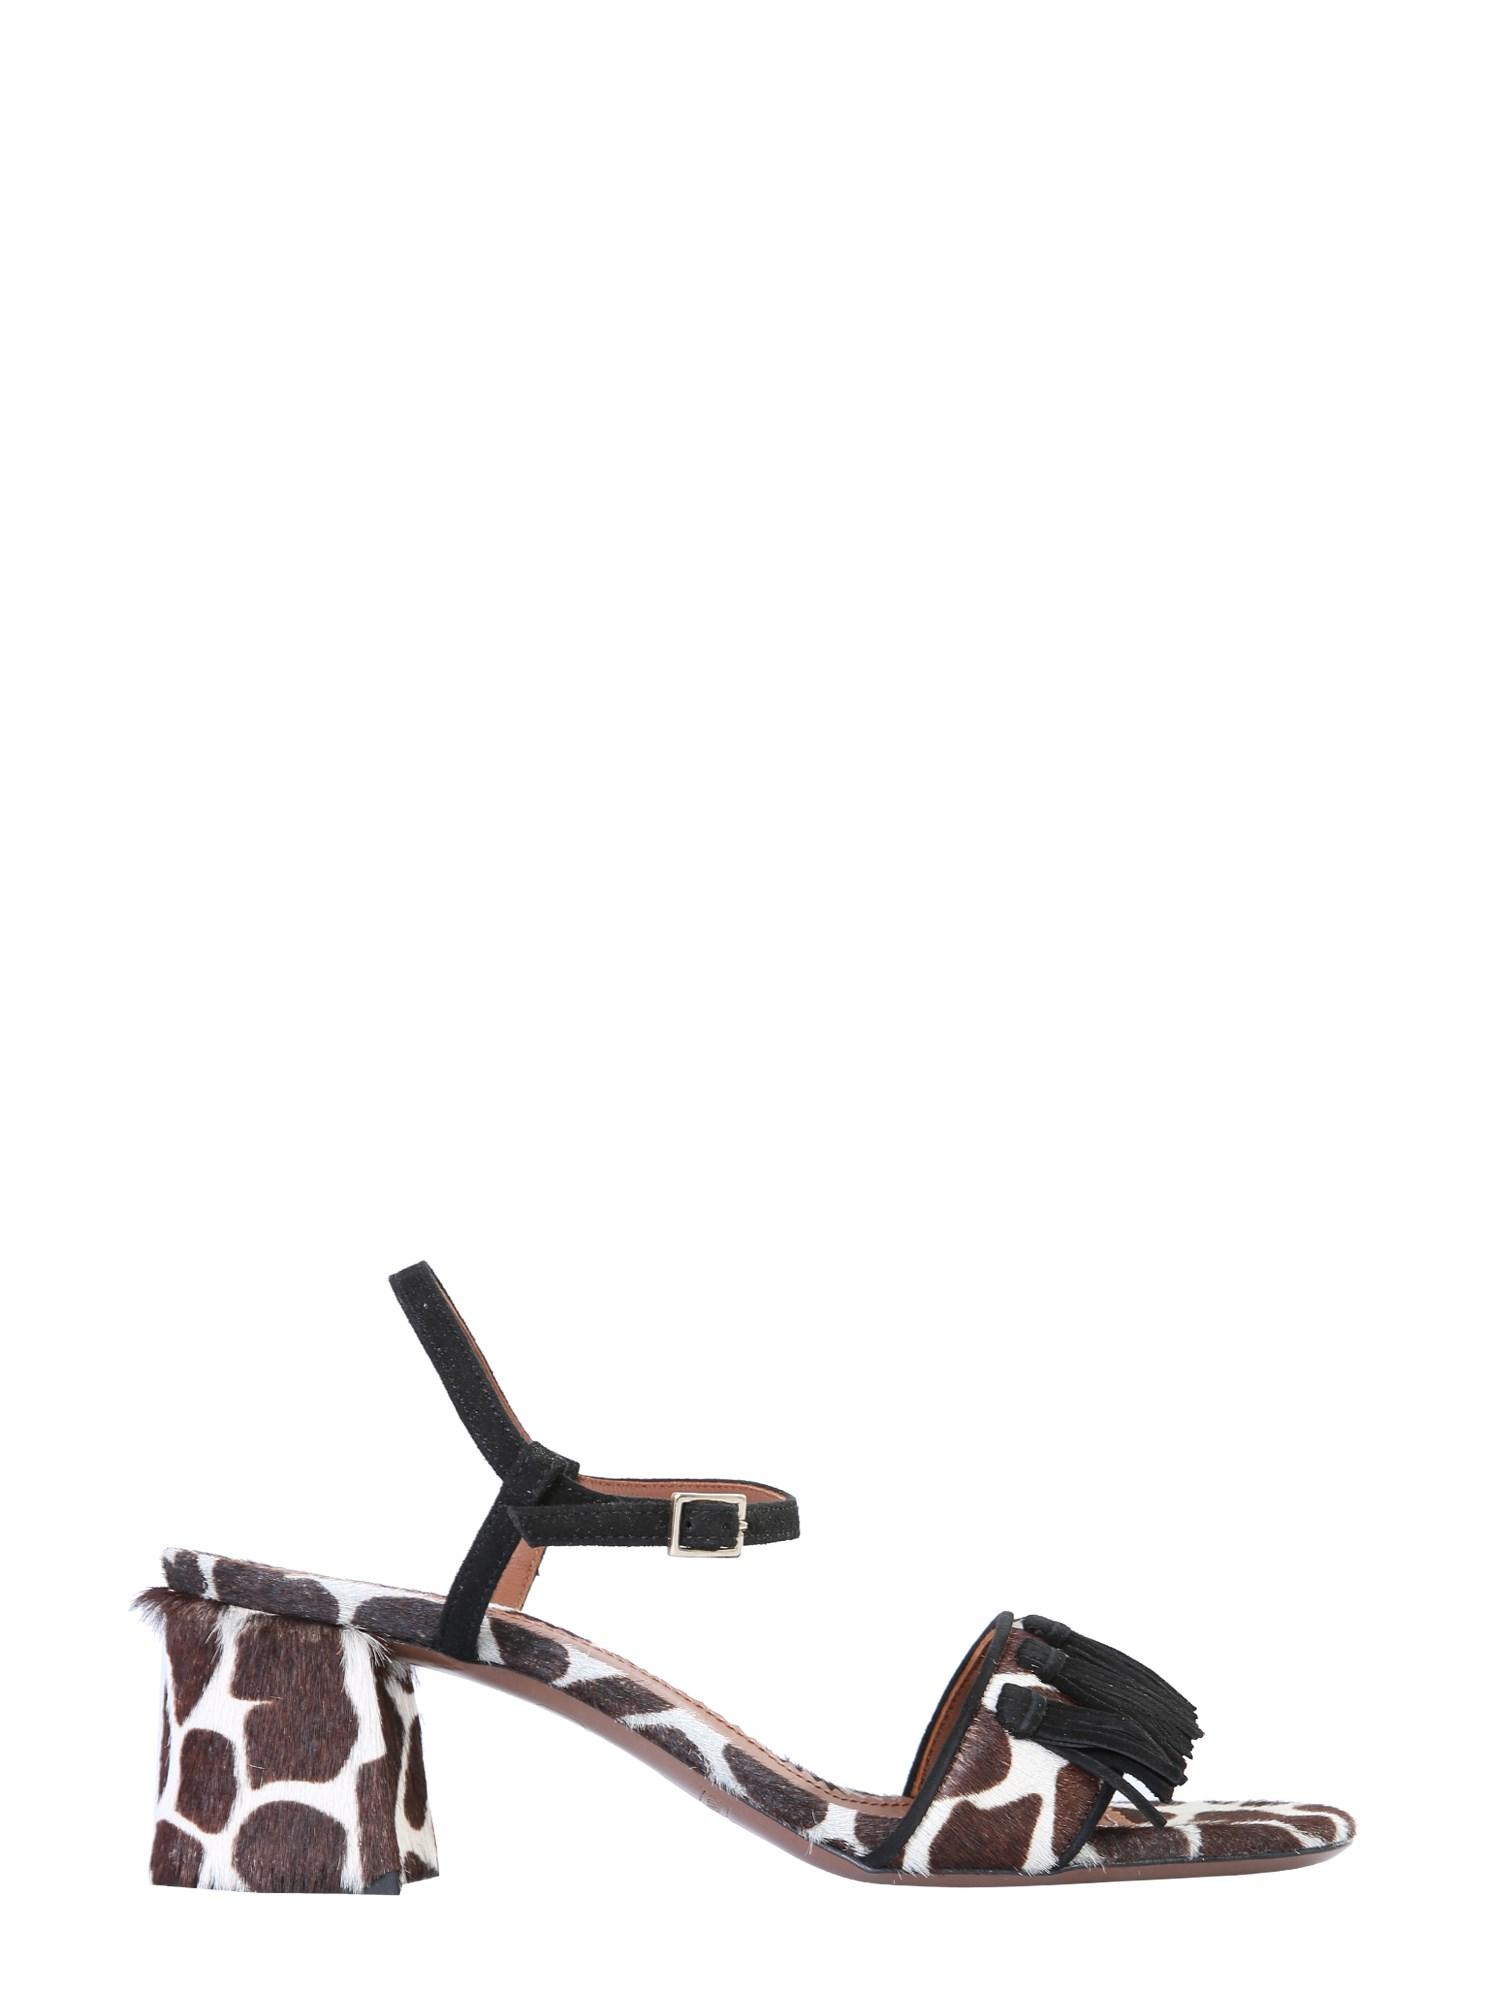 L'autre Chose Sandals With Animal Print